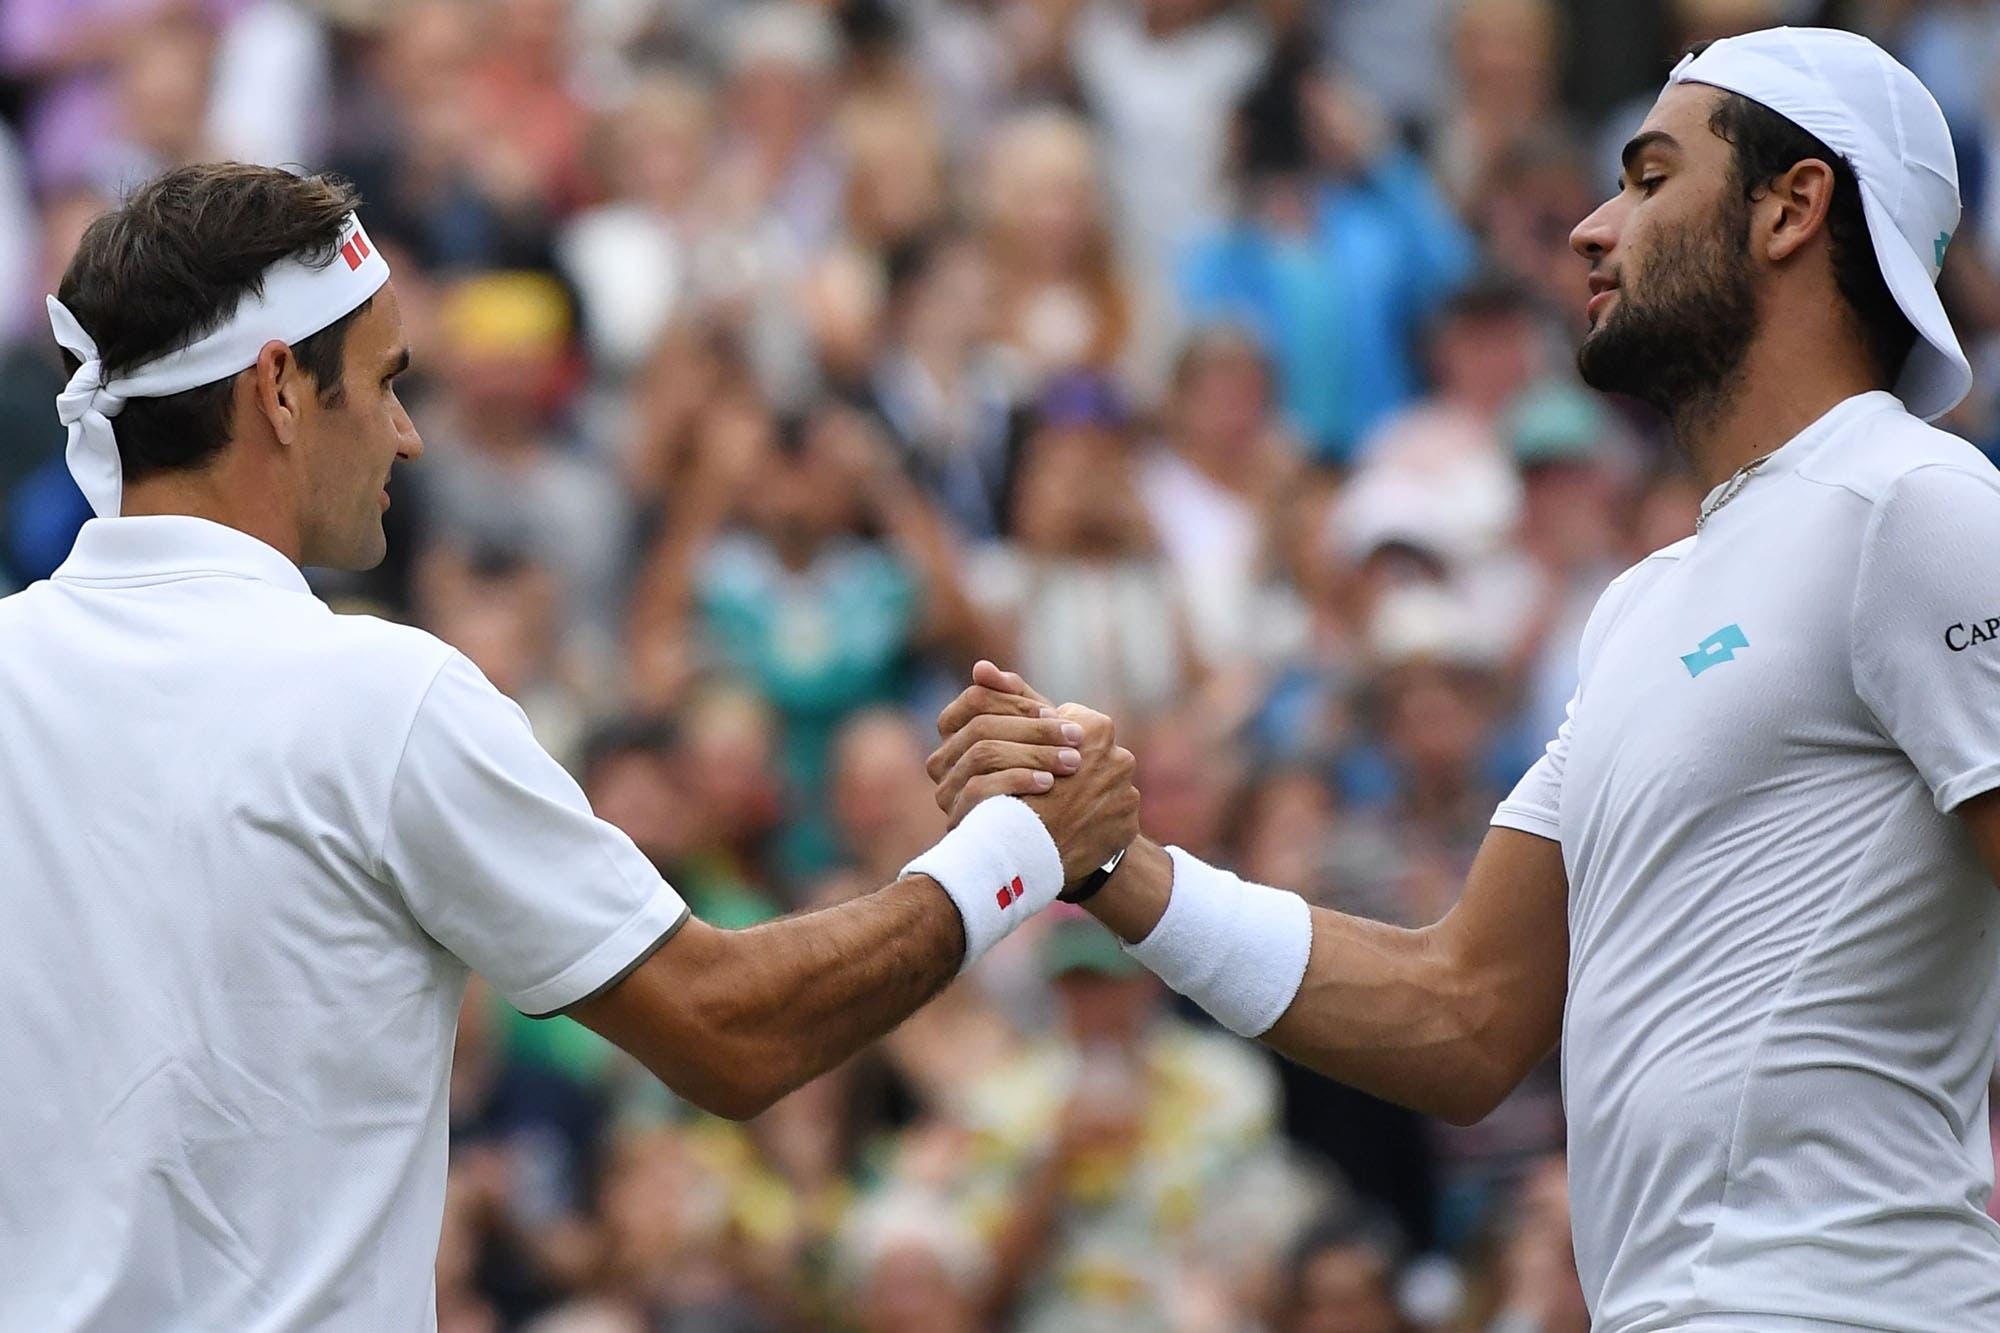 La ocurrente frase que le dijo un tenista italiano a Federer luego de su dura derrota en 74 minutos